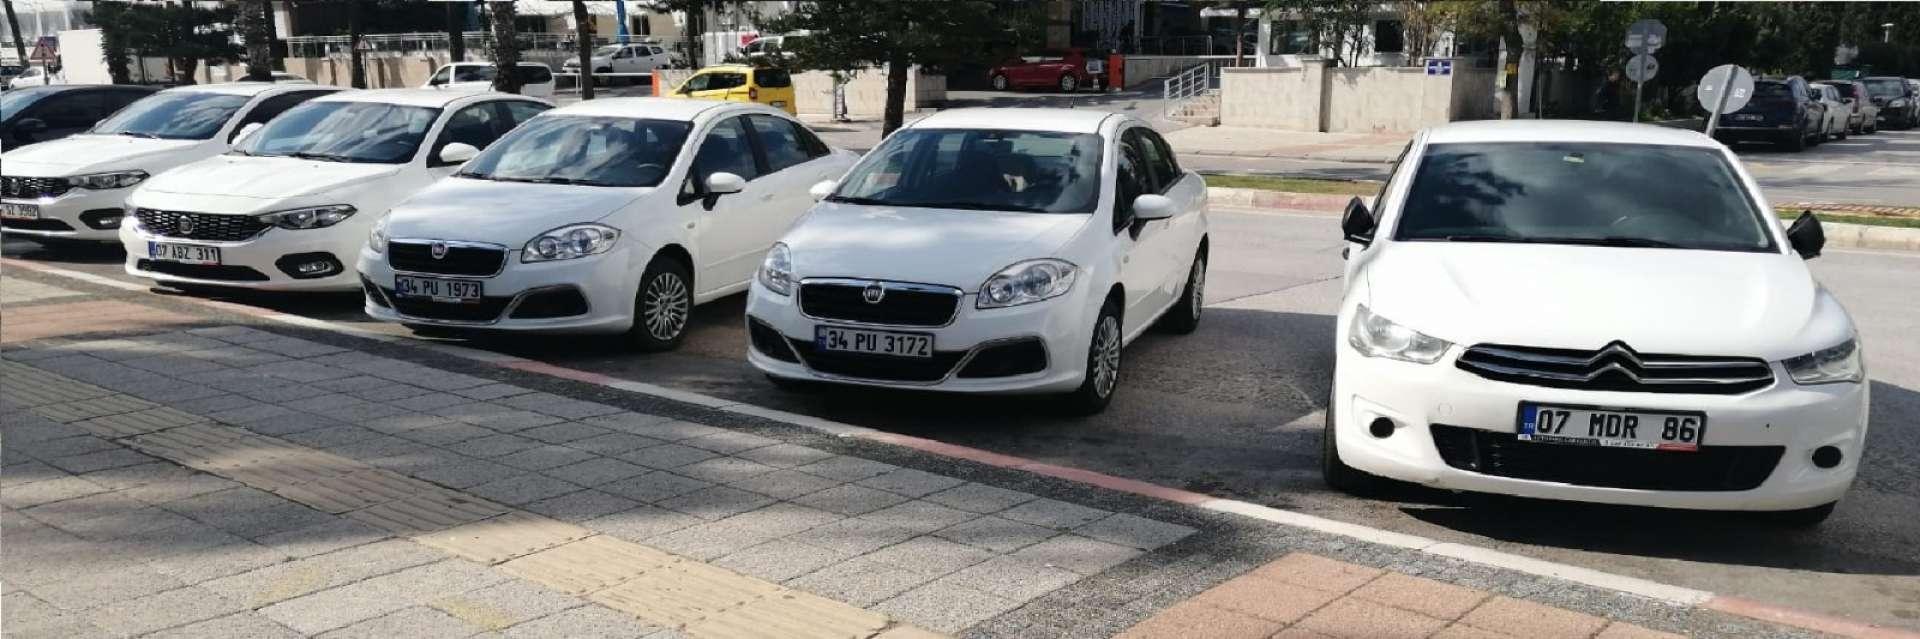 Araba Kirala